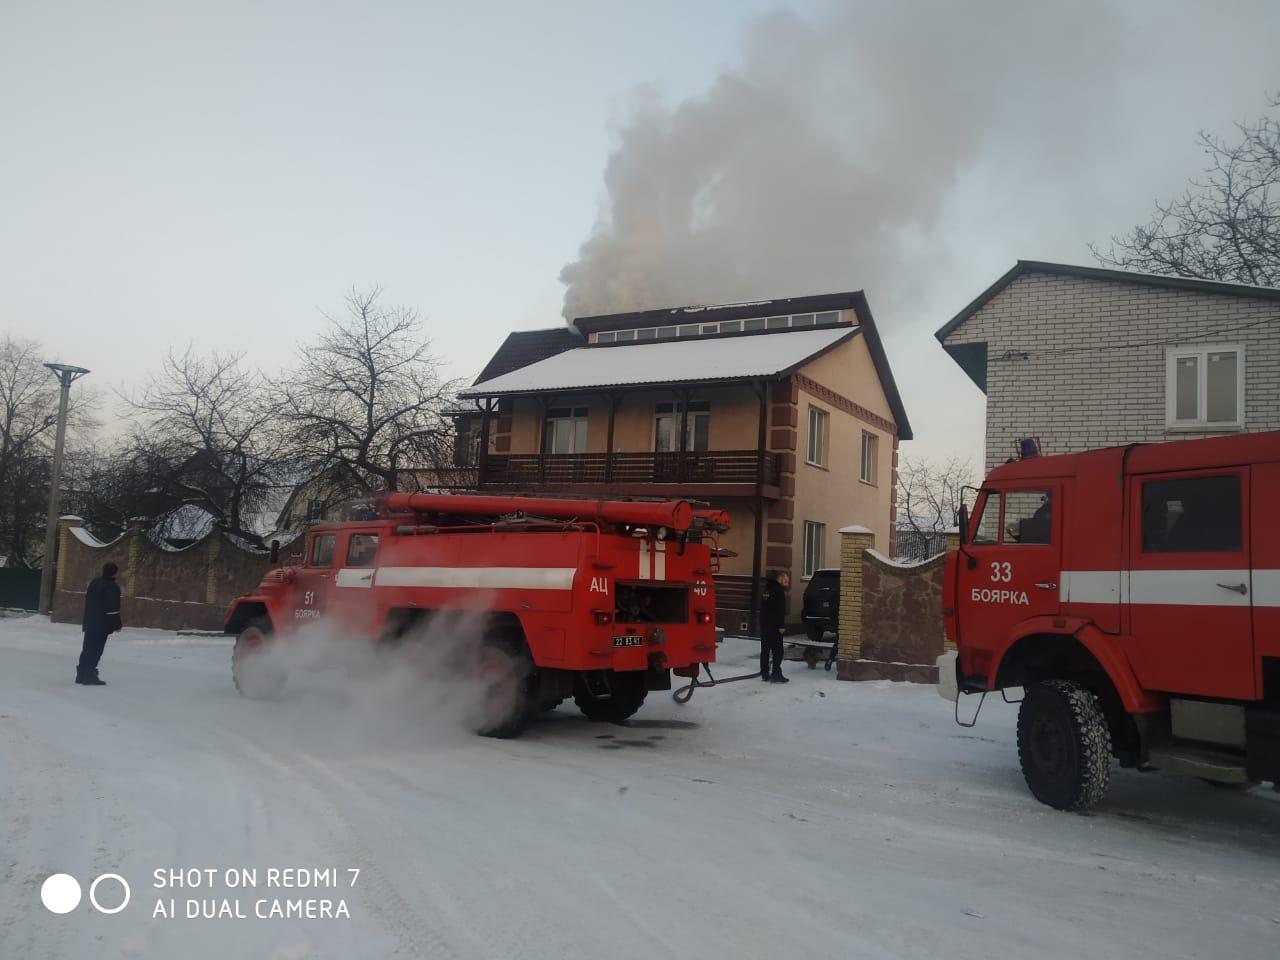 У Тарасівці горів двоповерховий будинок - Тарасівка, пожежа будинку, горів будинок - 54E2F0E5 AD4D 4AA6 A854 57C96132D6AA